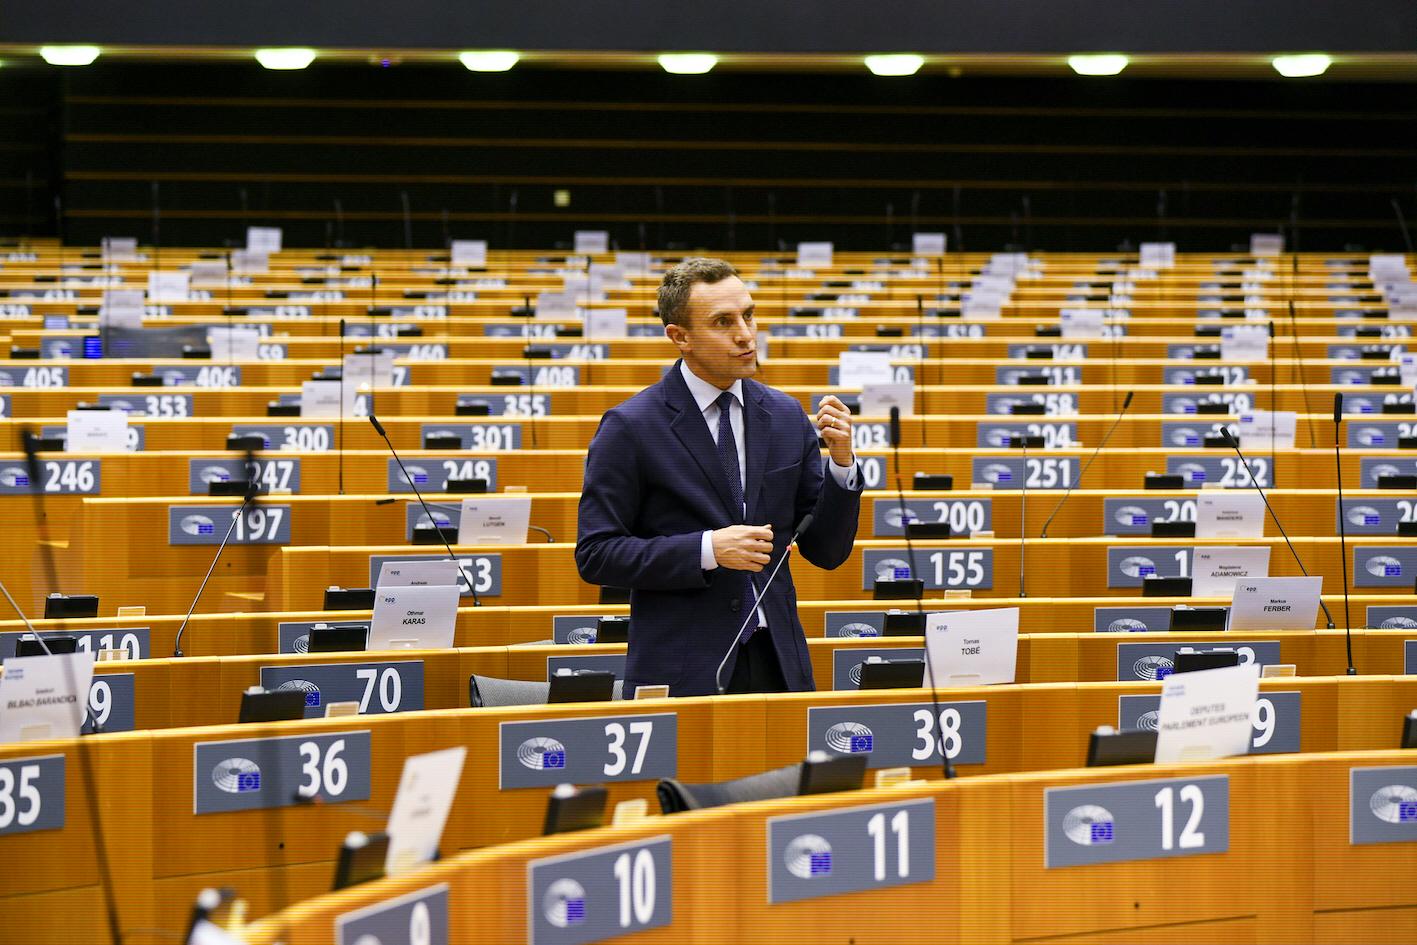 Den svenska Europaparlamentarikern Tomas Tobé anklagas för att ha kuppat igenom en sen förändring av parlamentets betänkande kring biståndseffektivitet.